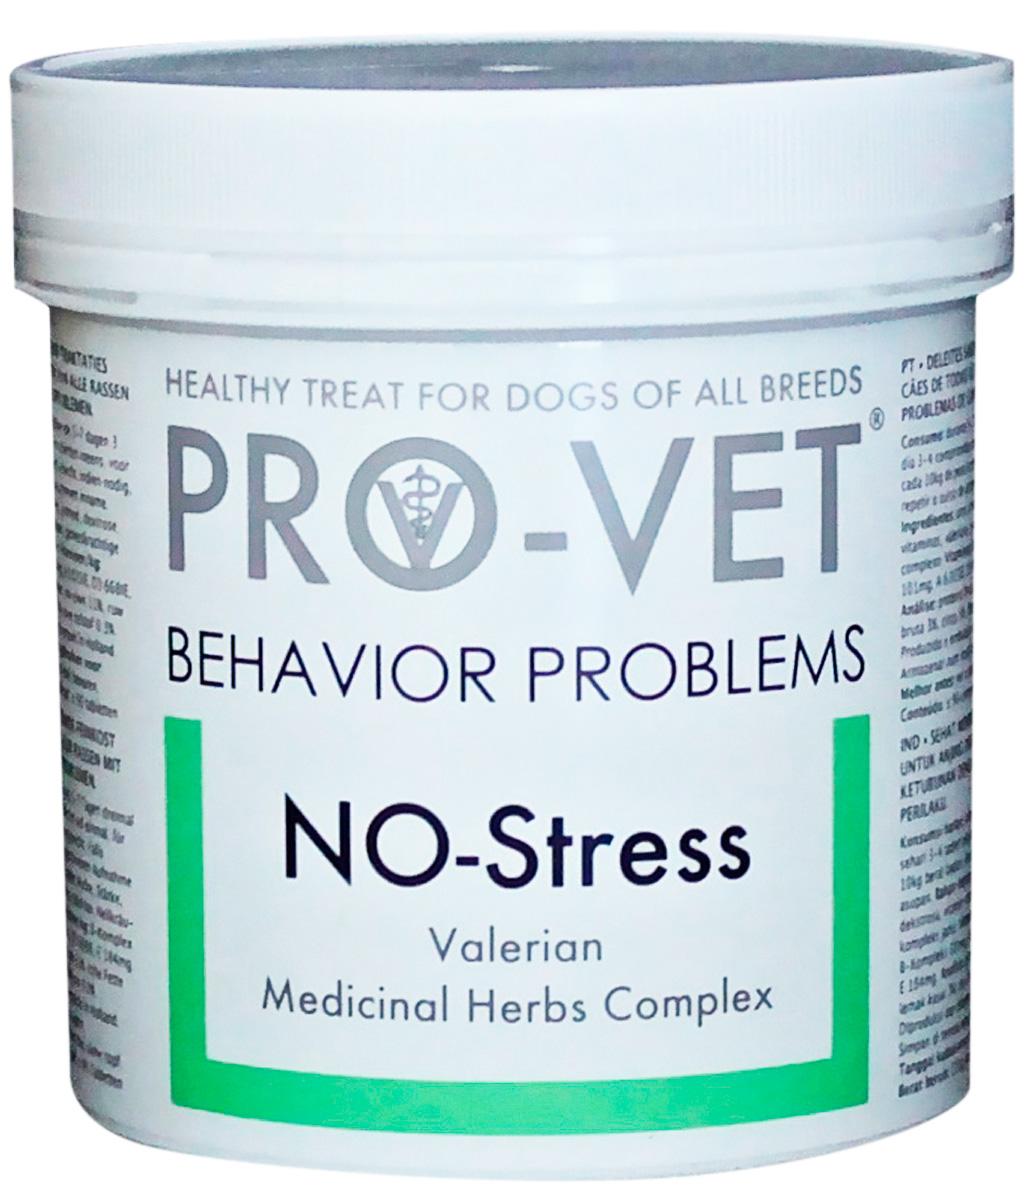 Лакомство Pro-vet Pastils No-stress витаминизированное для собак для профилактики стресса и стабилизации нервной системы 135 гр  (1 шт)